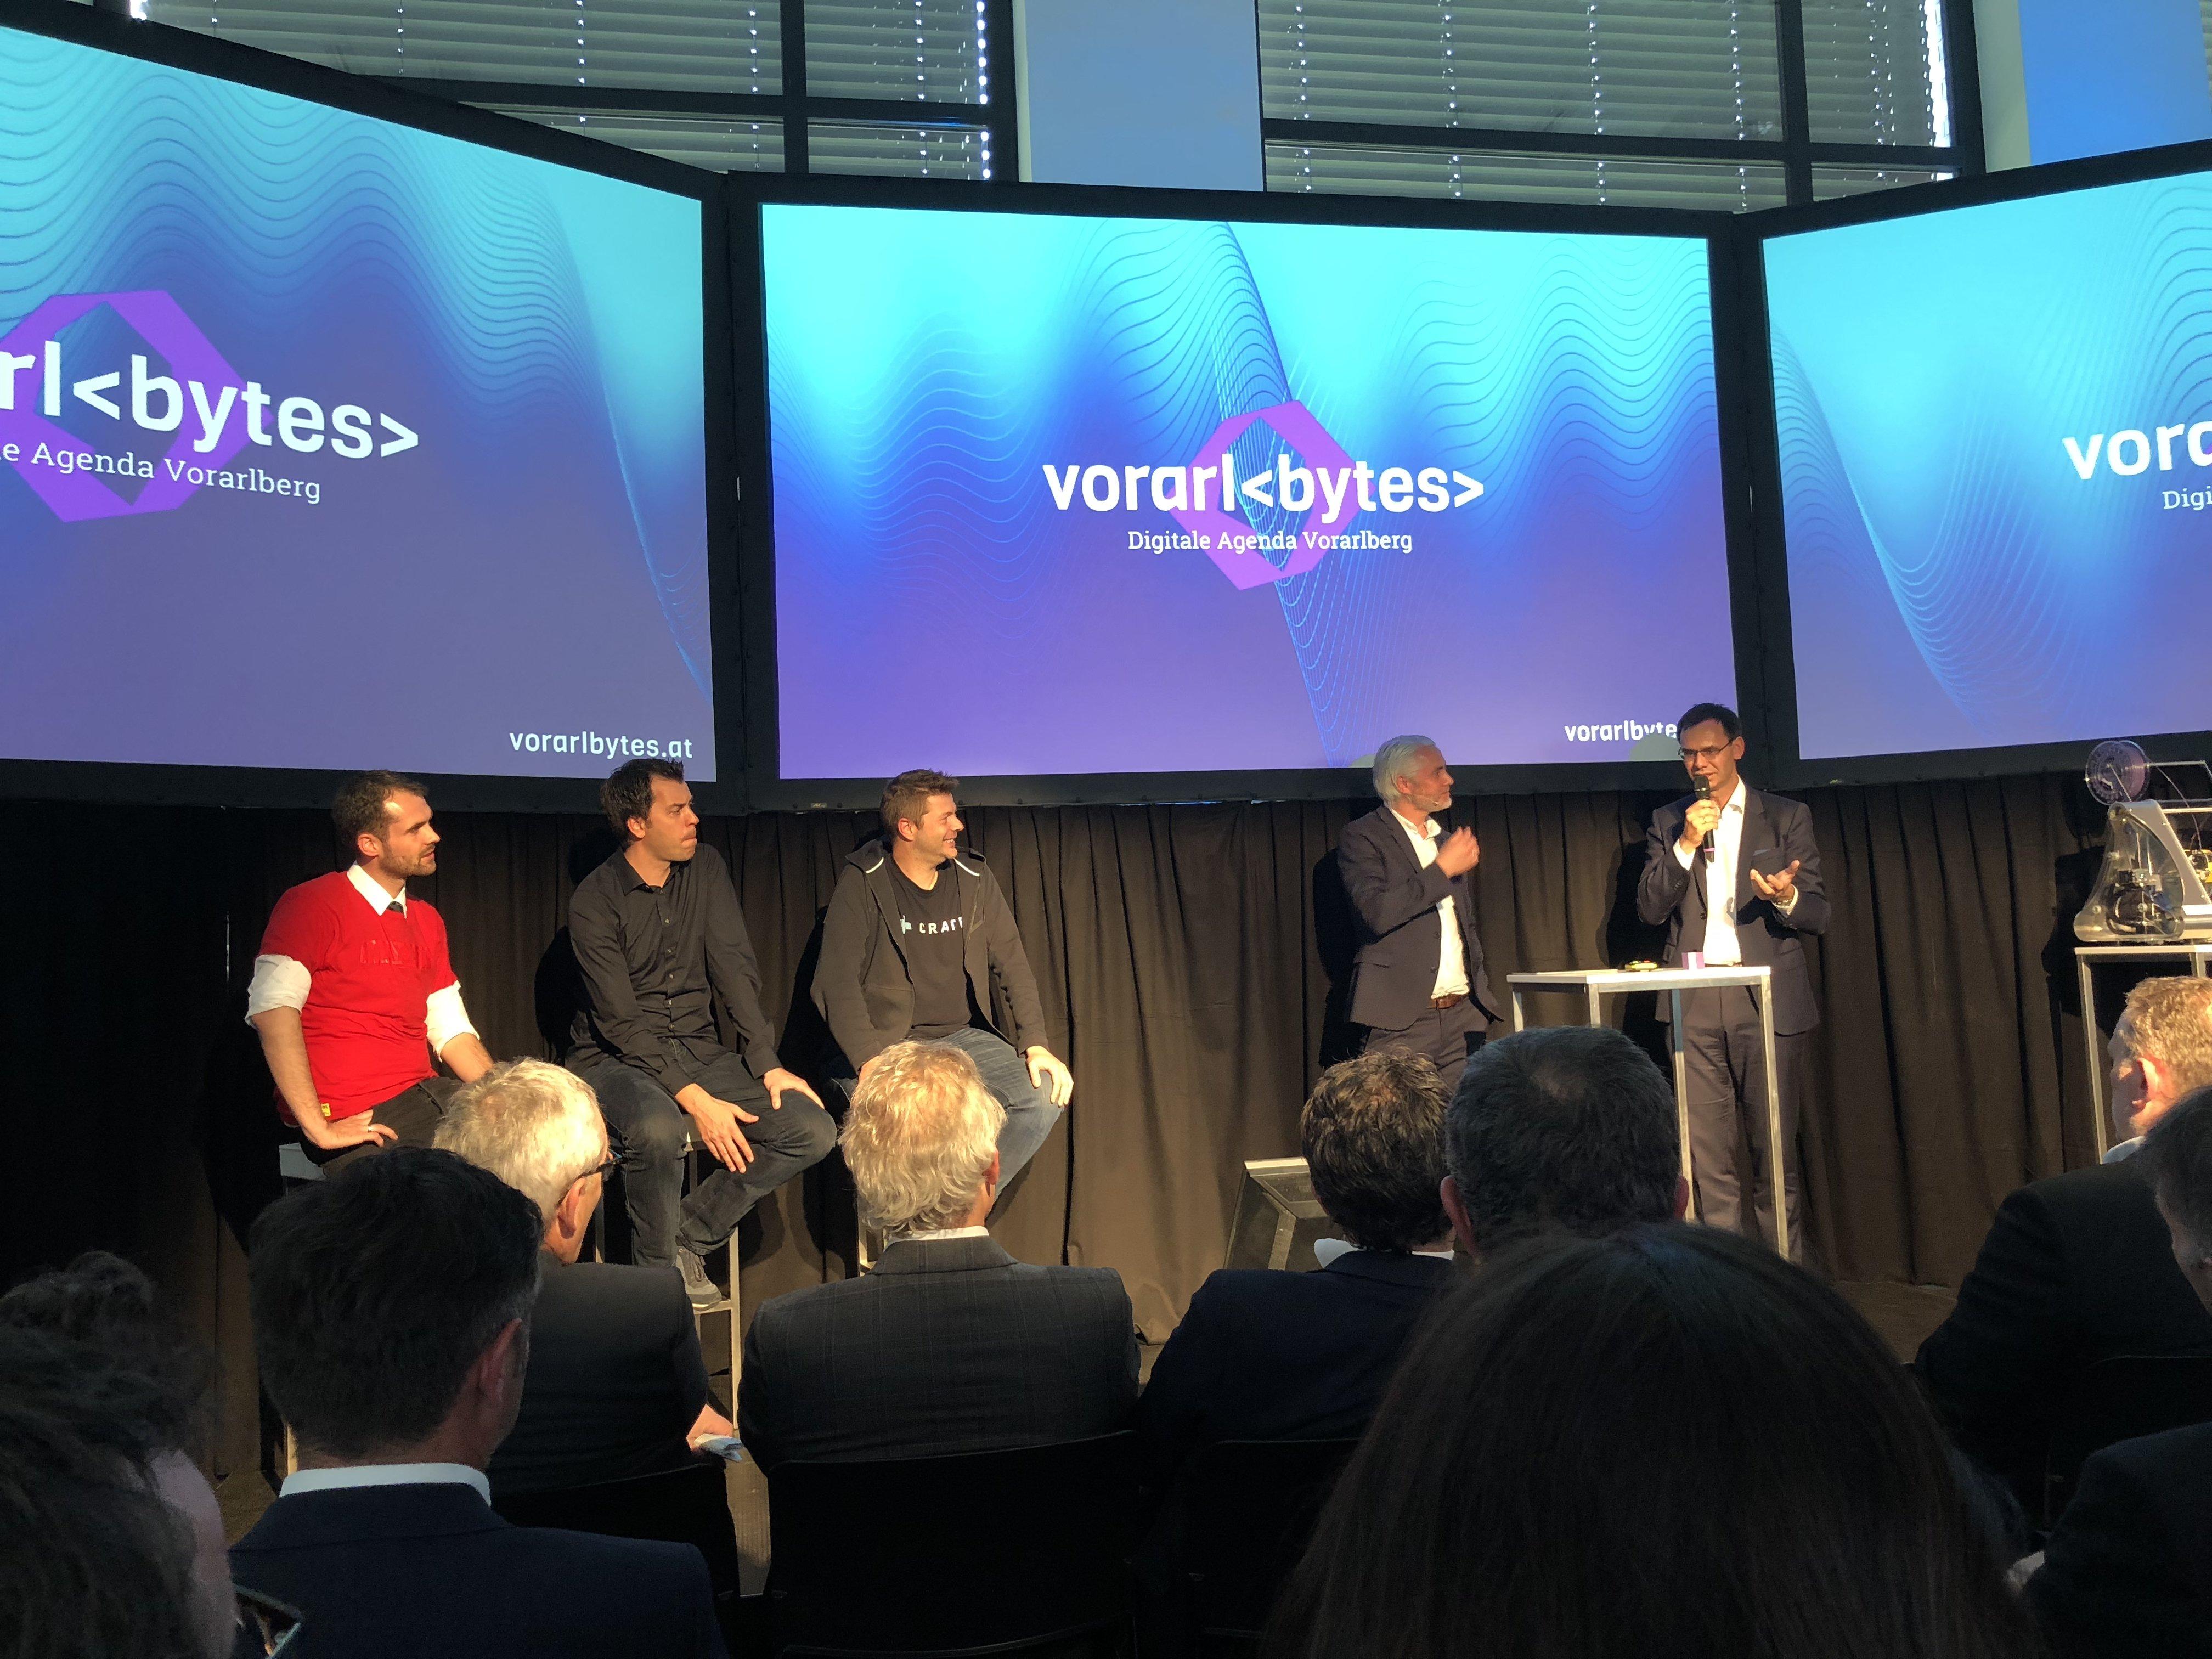 Land präsentiert die Digitale Agenda für Vorarlberg